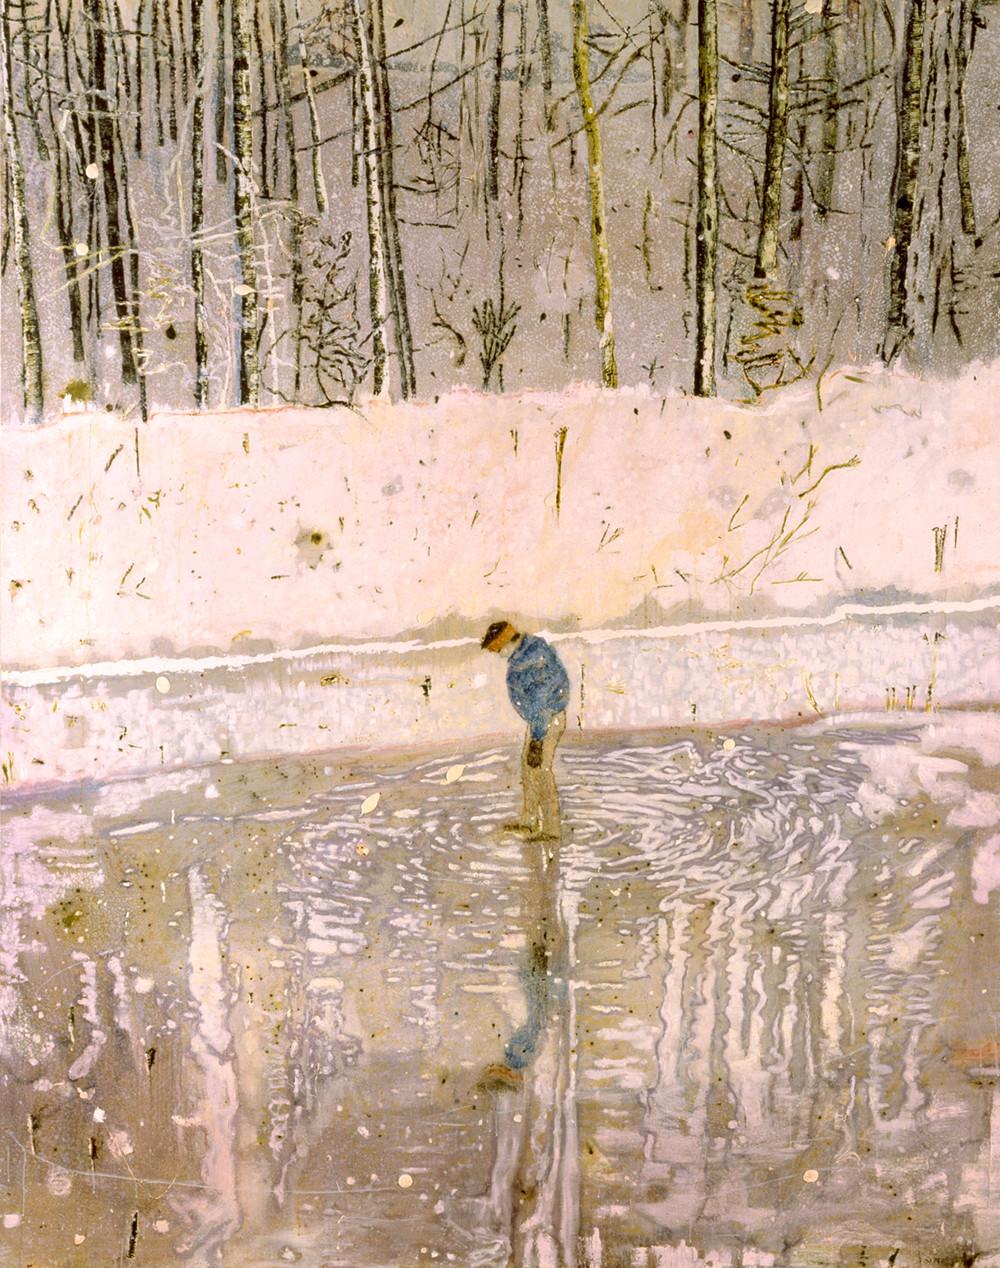 Blotter, huile sur toile (249 x 199 cm)